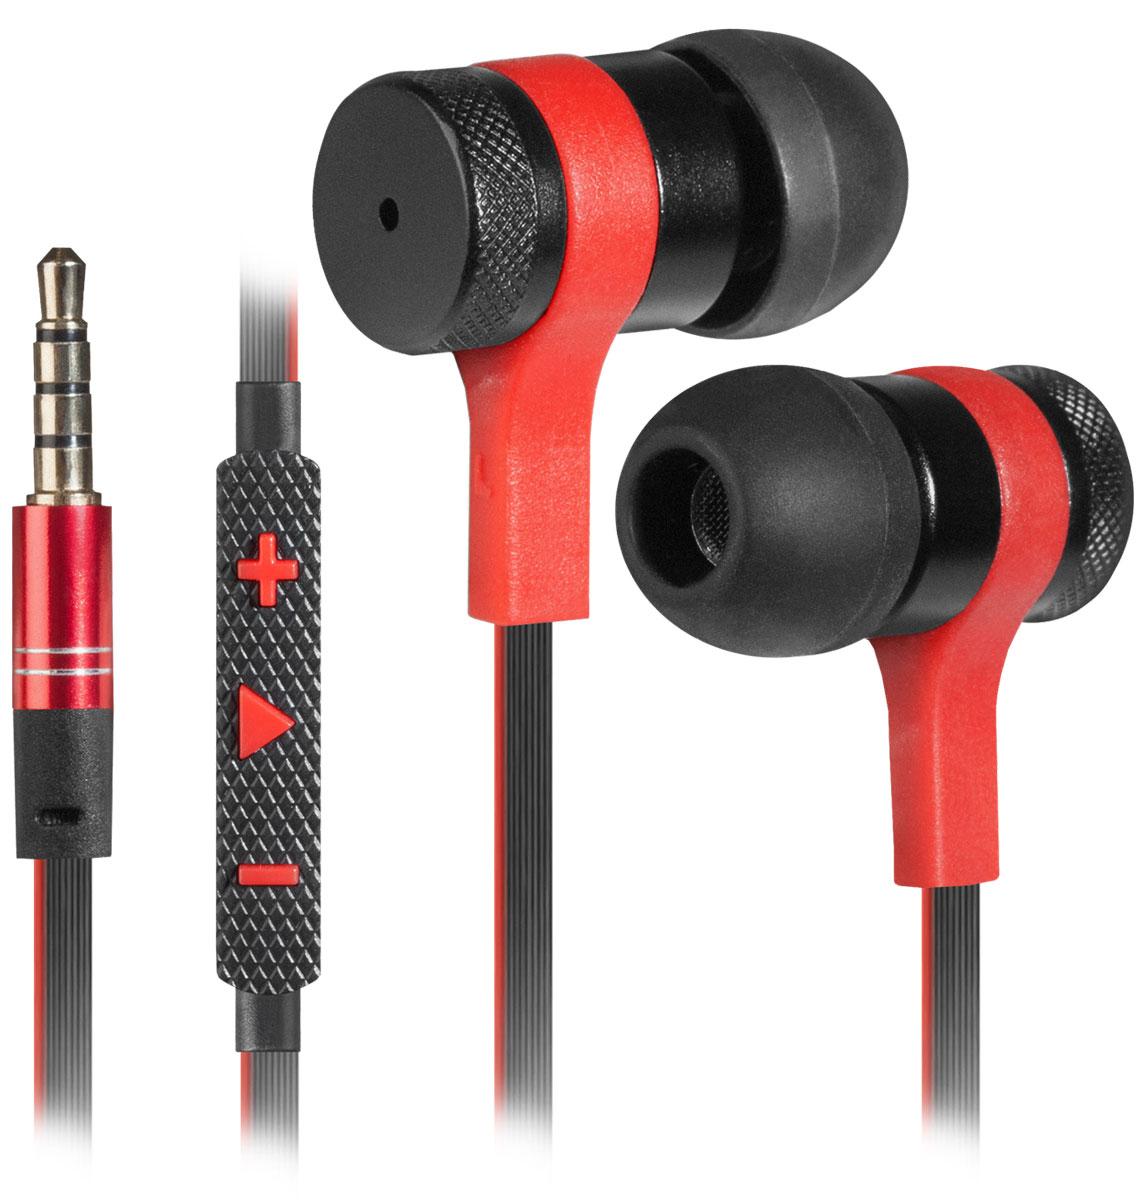 Redragon Tiana, Black Red гарнитура для смартфонов64432Redragon Tiana - игровая гарнитура с плоским кабелем и универсальным регулятором громкости в металлическом корпусе.Это отличный выбор для повседневного использования, в том числе, в общественном транспорте, на улице и в шумных помещениях.Данная модель имеет универсальные кнопки регулировки громкости для Android и Apple устройств.Слушайте любимую музыку и аудиокниги в дороге - ничто не будет вам мешать.